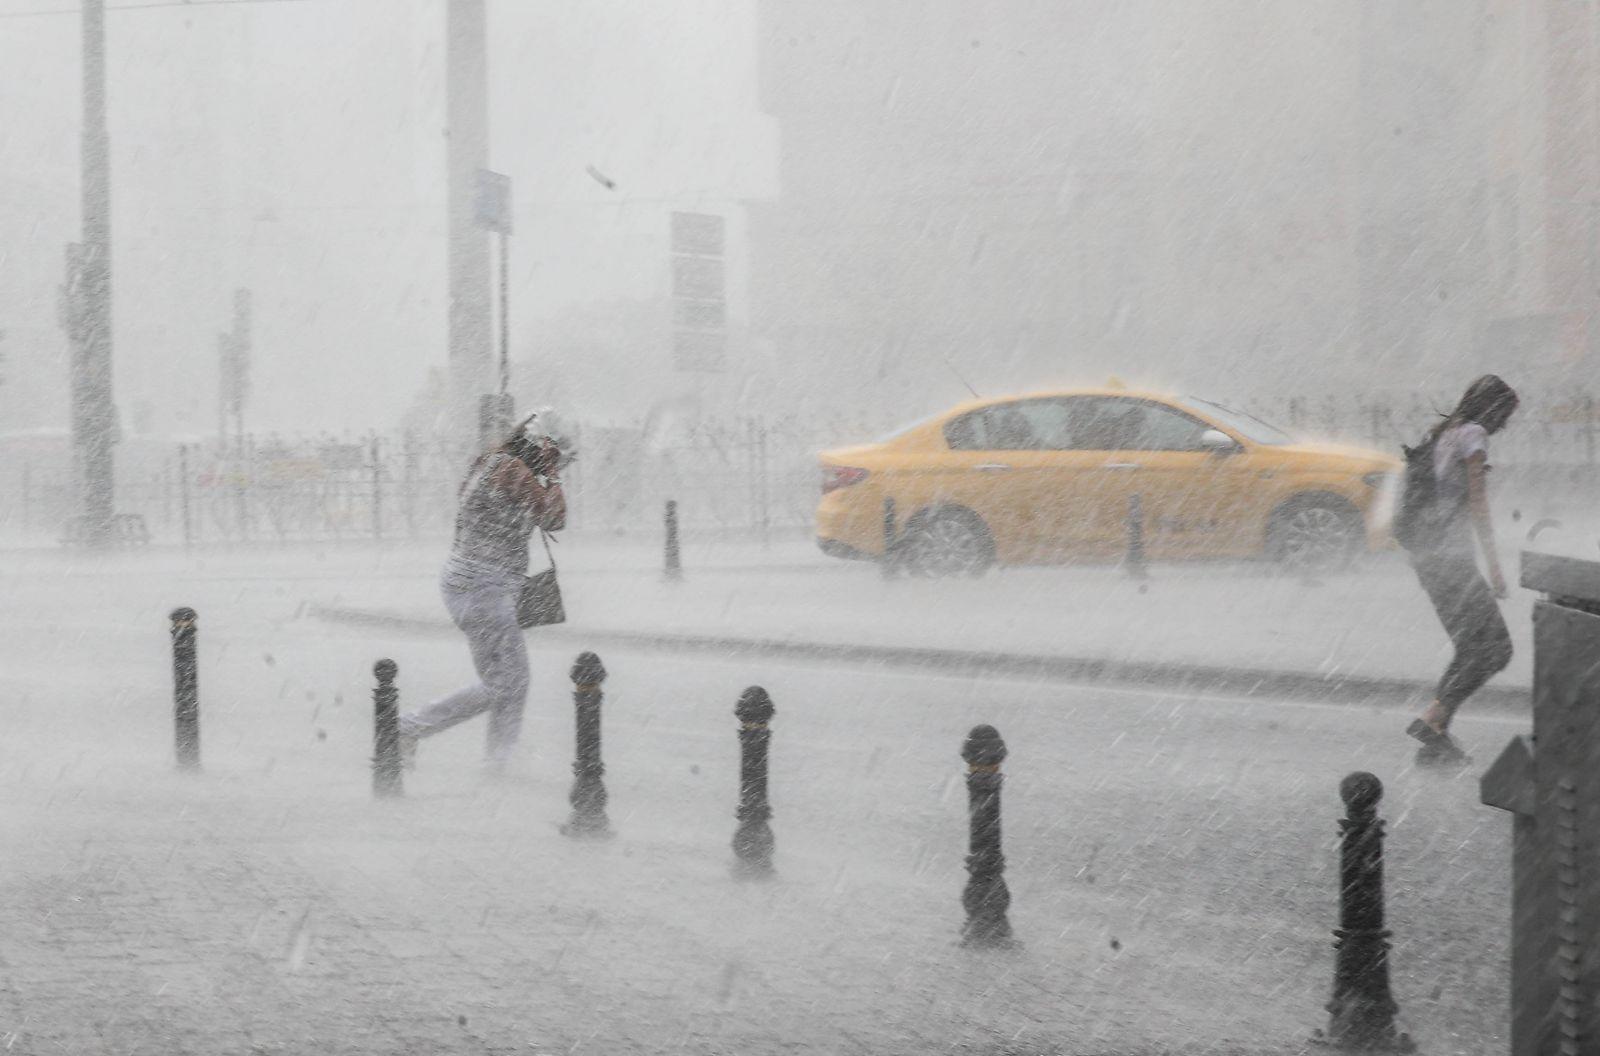 Şiddetli yağışlar hayatı olumsuz etkileyecek   Ani sel, su taşkınlarına dikkat! 8 Temmuz 2021 Perşembe il il, haritalı hava durumu